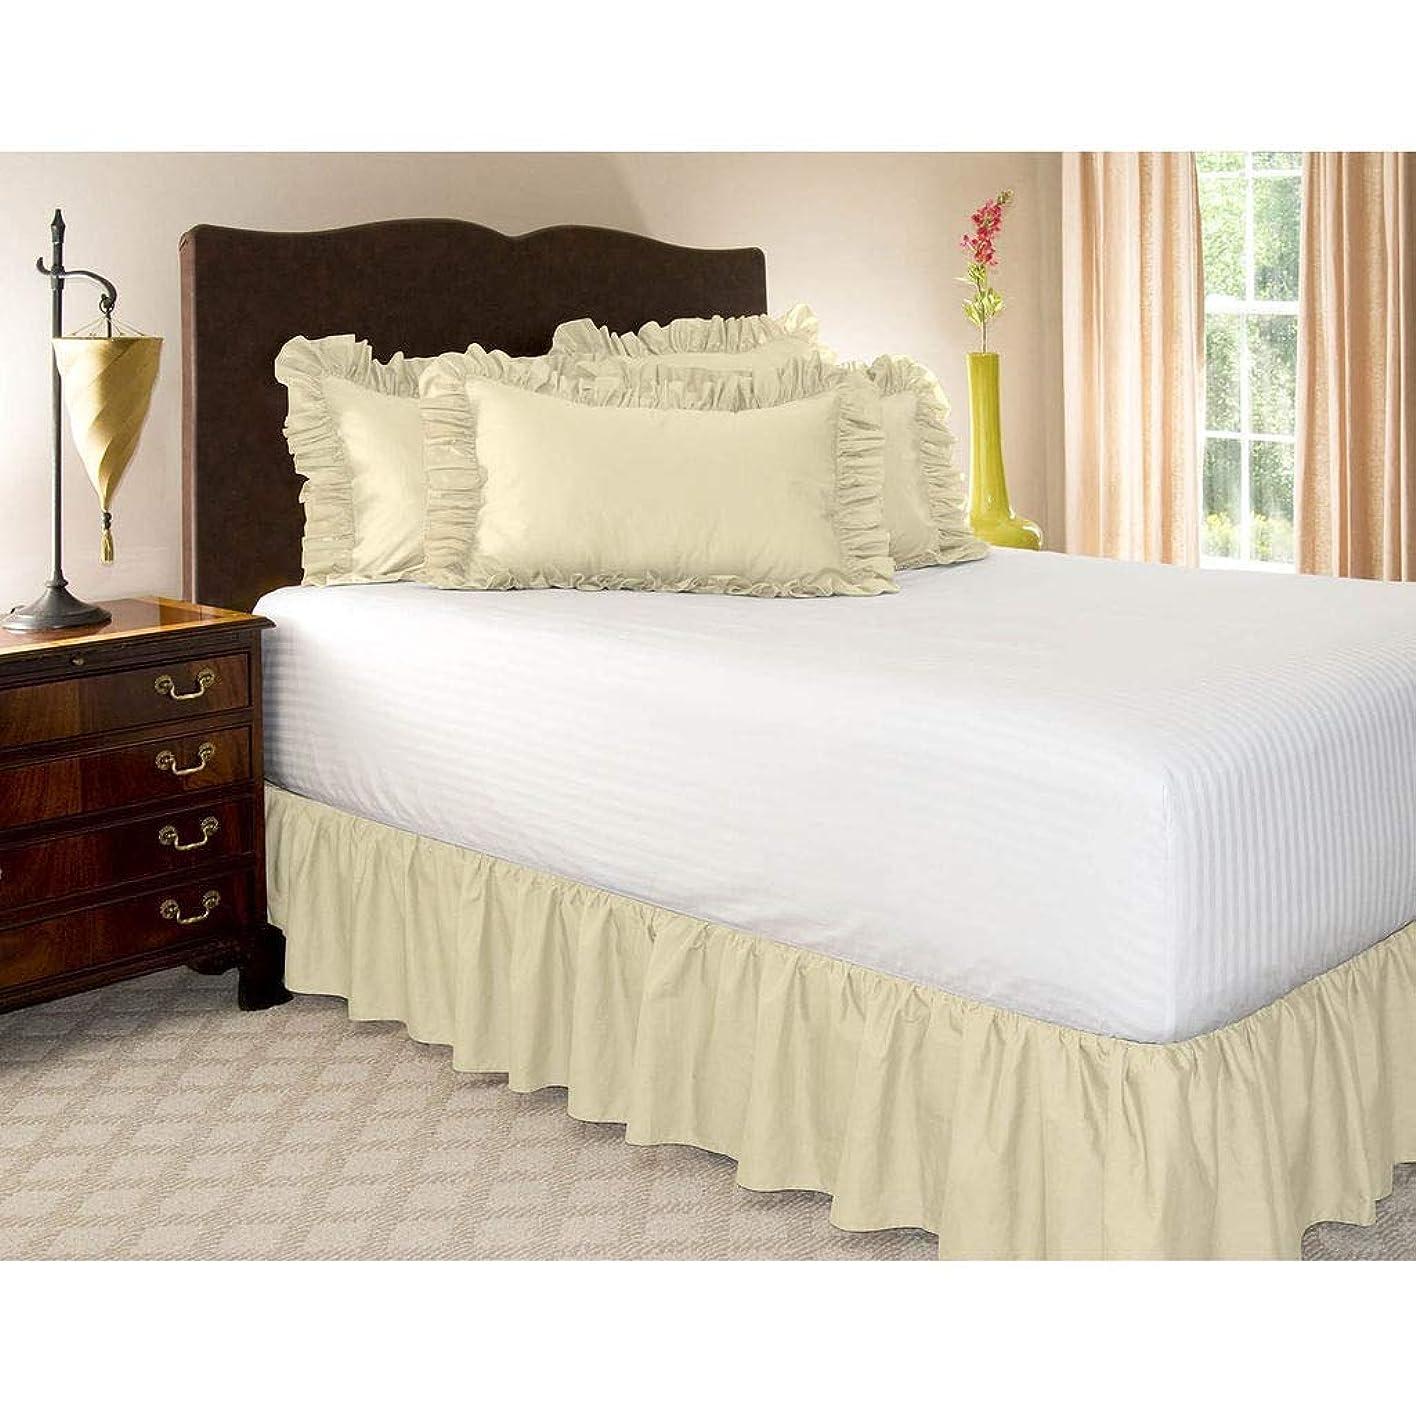 海素人ドレイン弾性 ベッド スカート, プリーツ ほこり フリル ベッドスプレッド ウルトラ-柔らかい まわり 固体 しわ そして フェード 抵抗力がある カバーレット-ベージュ-T/いっぱい-120*200センチメートル